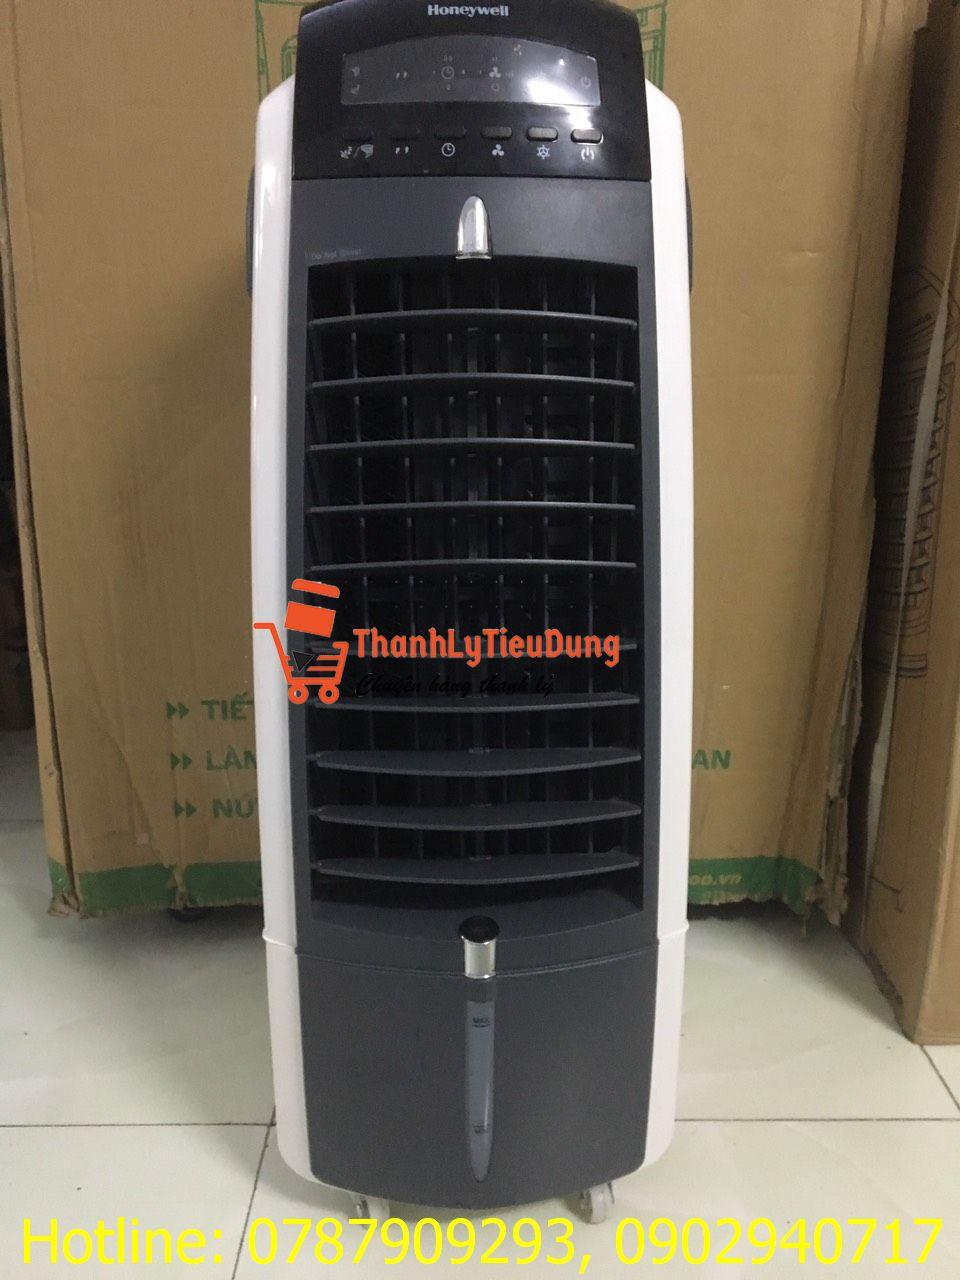 Quạt điều hòa Honeywell ES800 - HÀNG TRƯNG BÀY